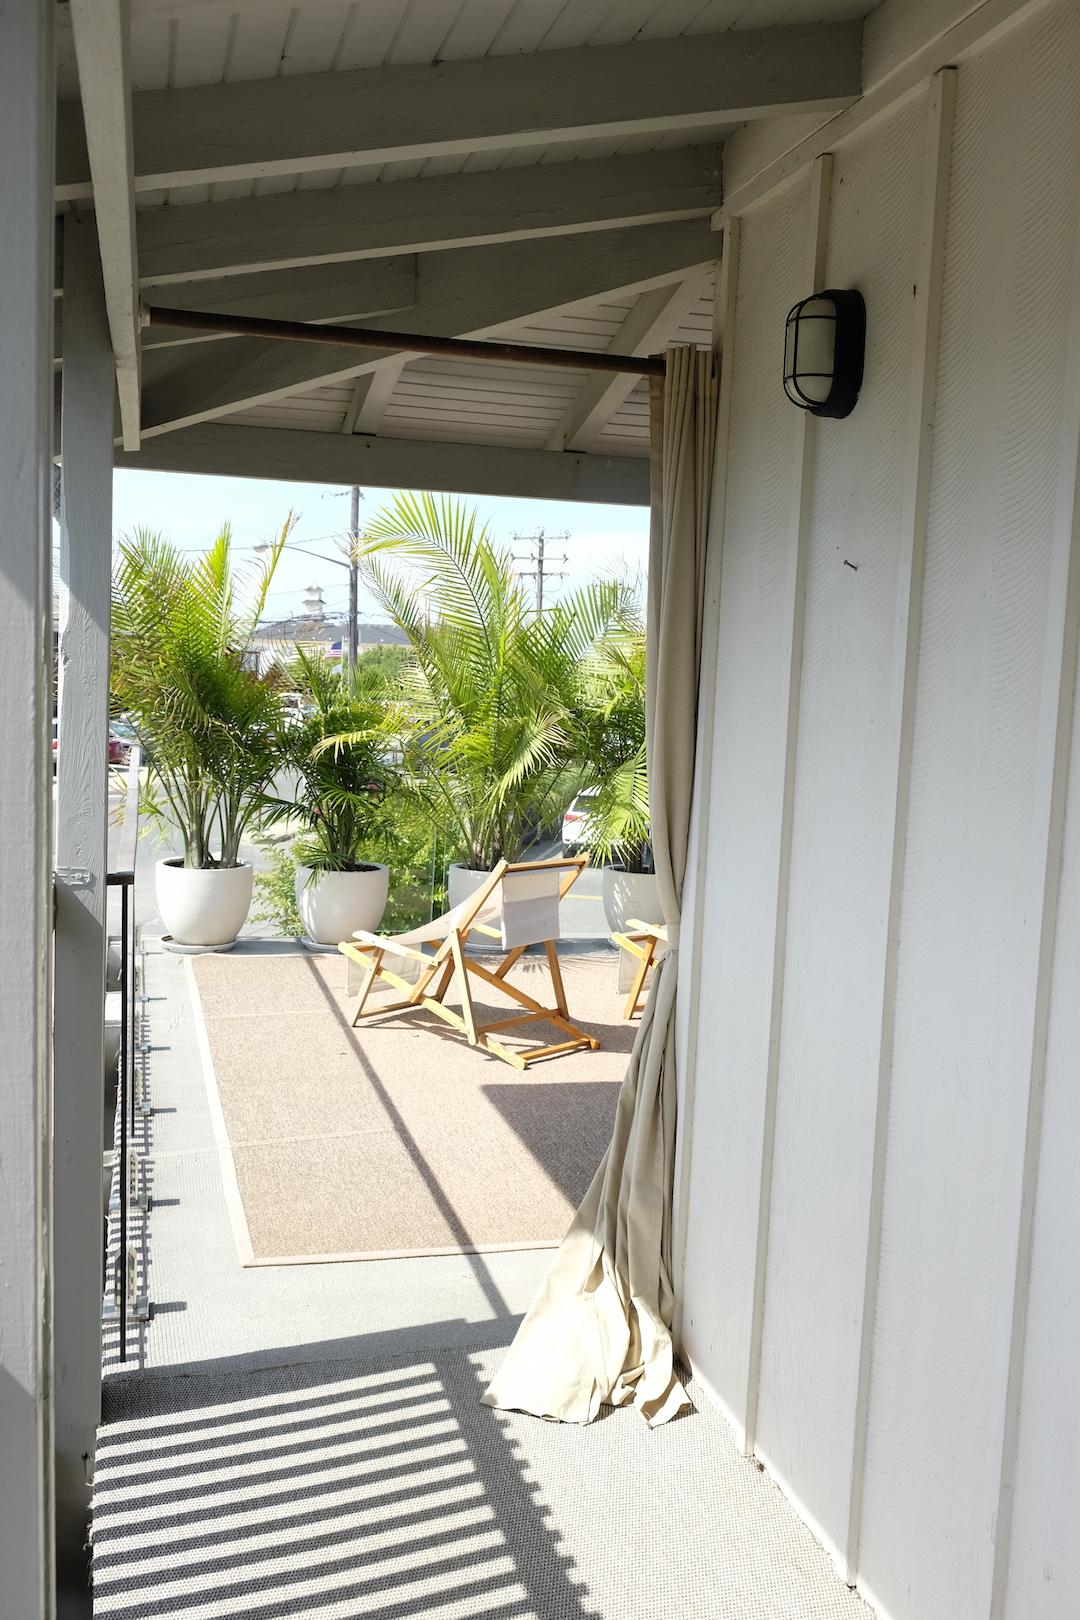 montauk_beachhouse-Hotel_querelles_34